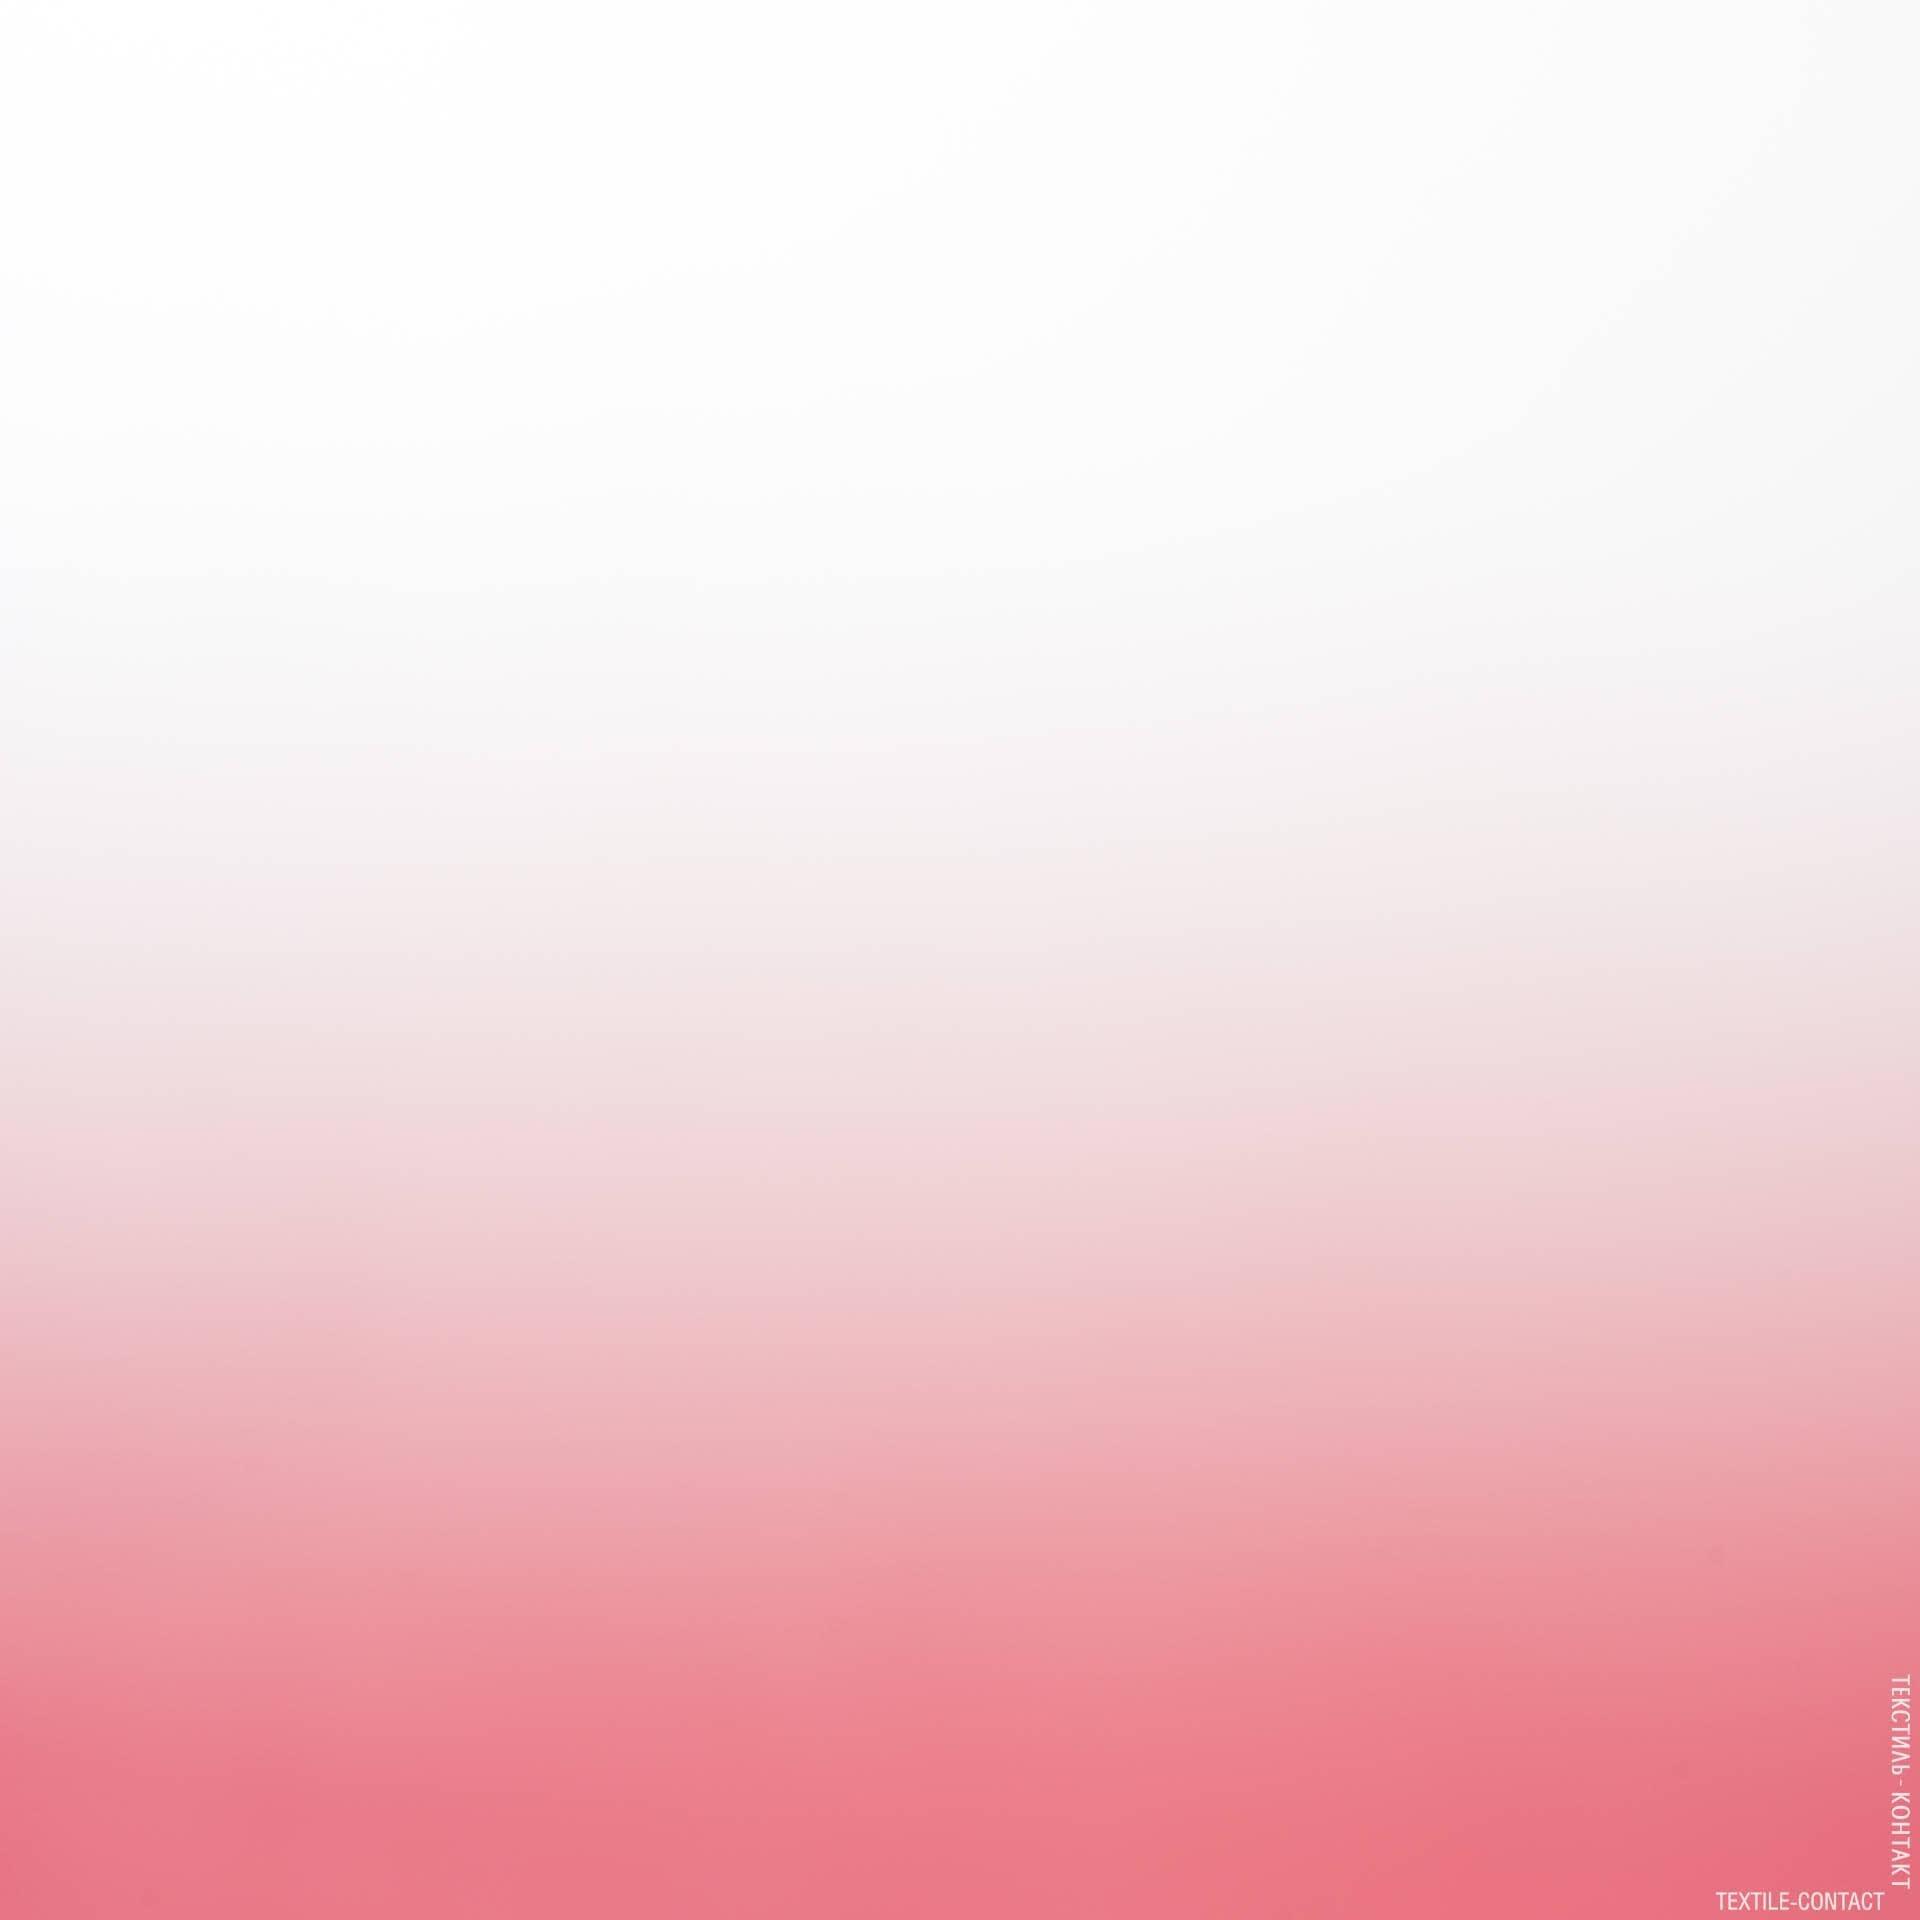 Тканини гардинні тканини - Мікровуаль  деграде  вишня